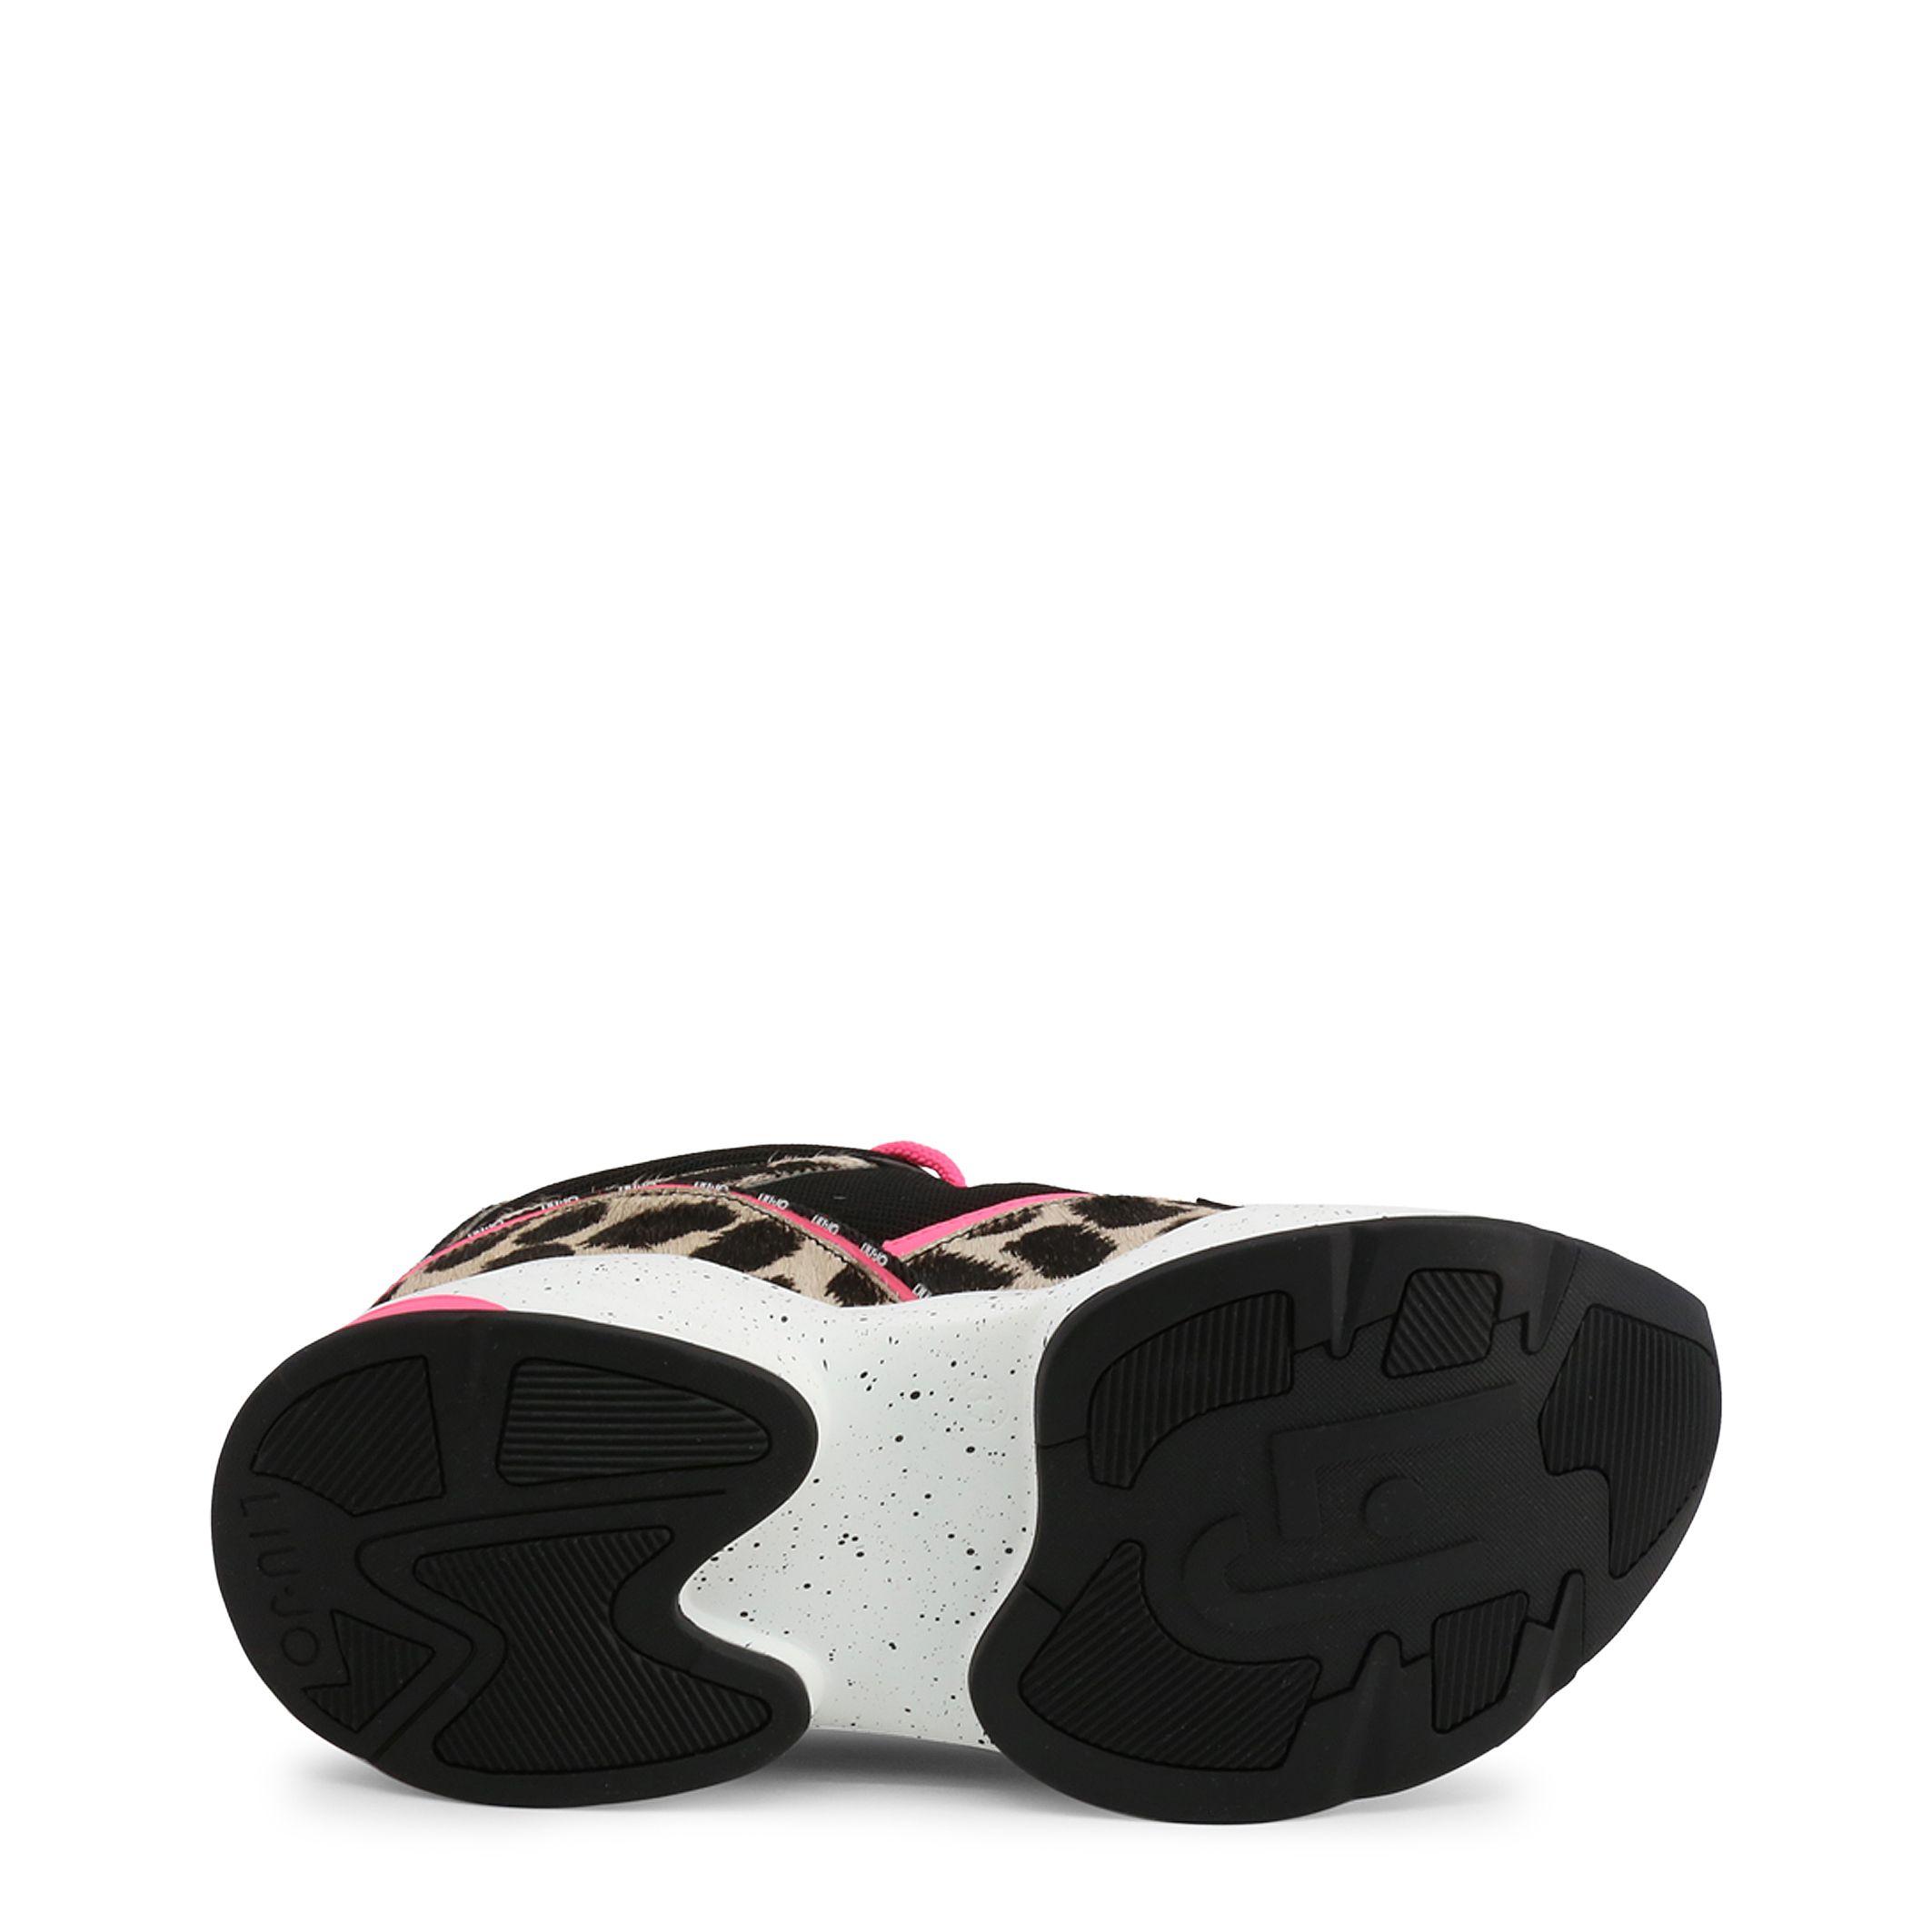 Schuhe Liu Jo – B69041PX045 – Schwarz